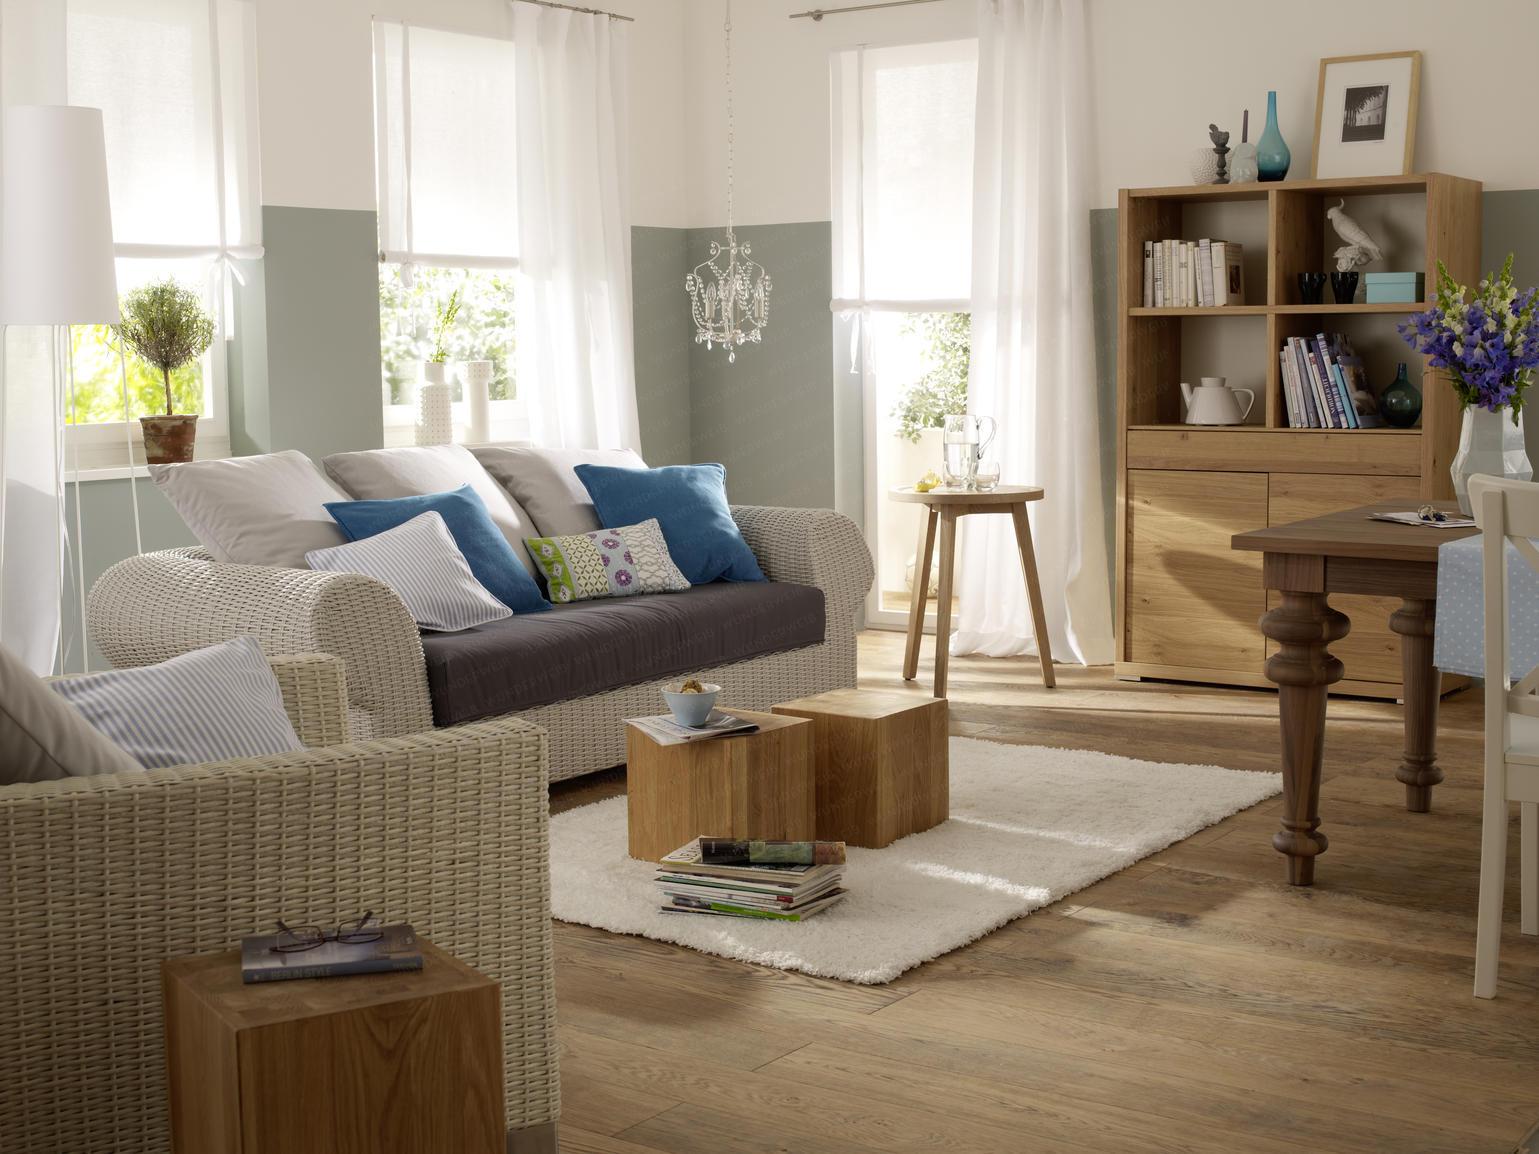 Landhaus Deko und Möbel